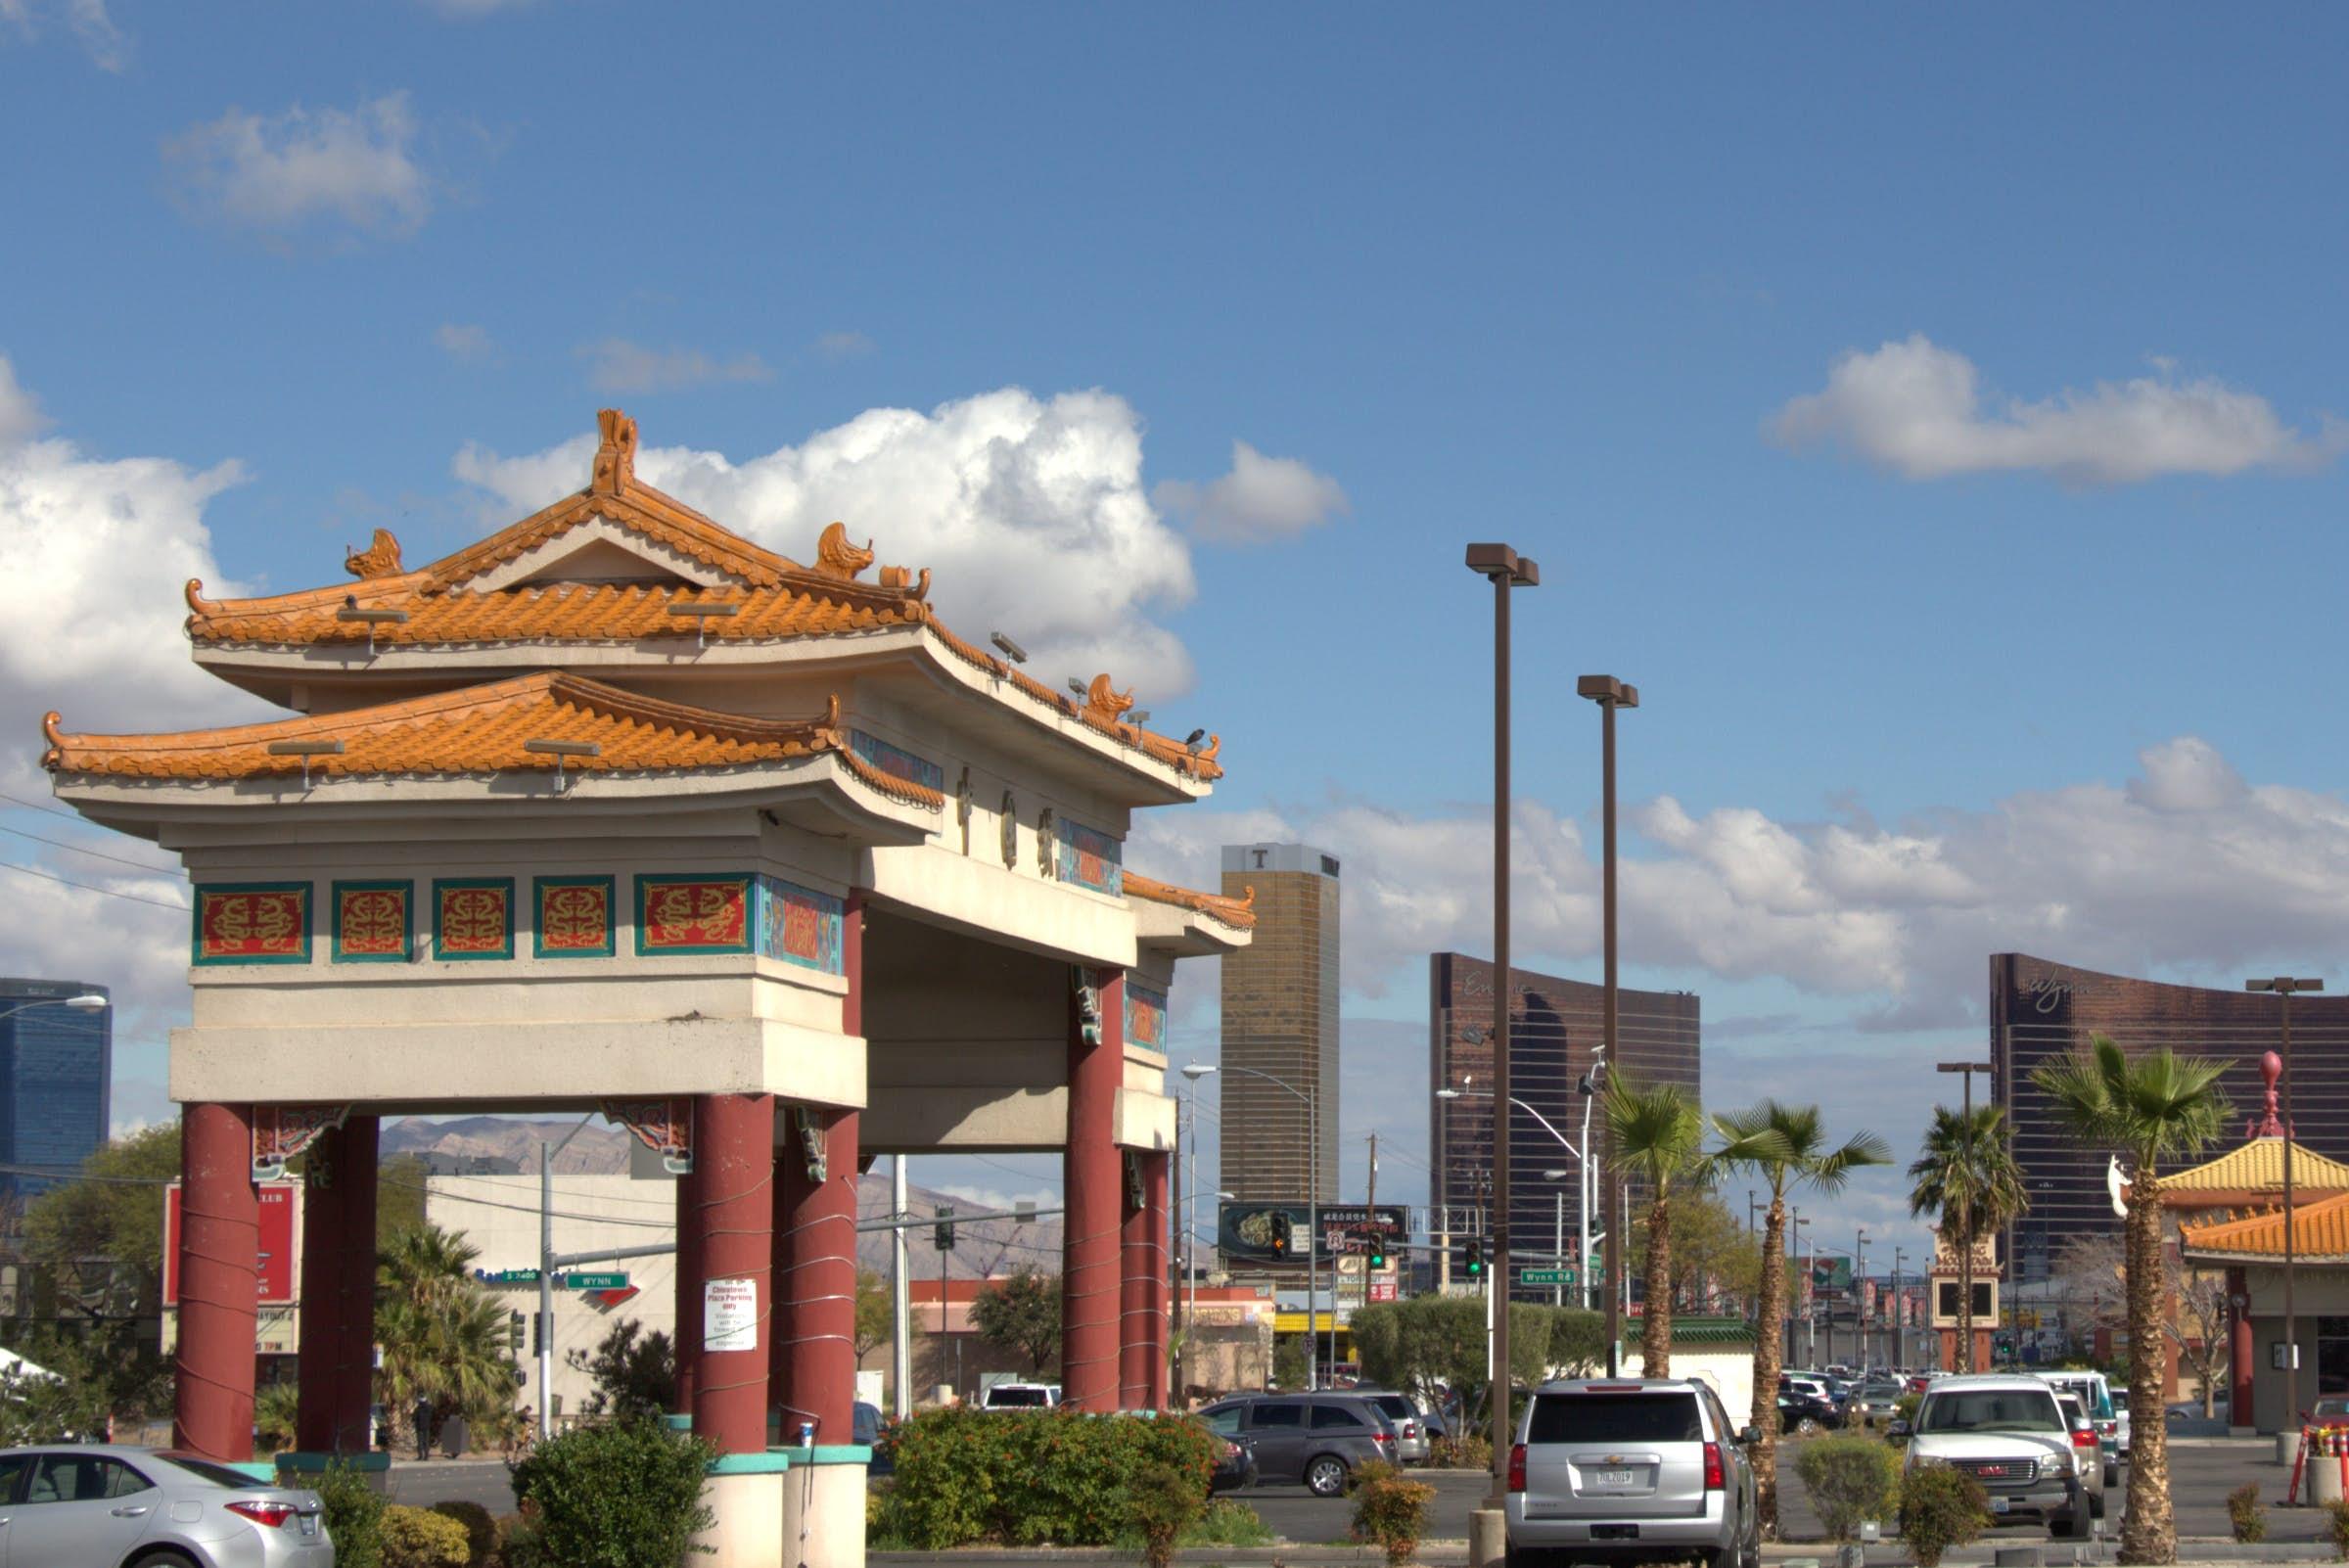 Chinatown Las Vegas Is Sin City S Best Kept Secret Lonely Planet